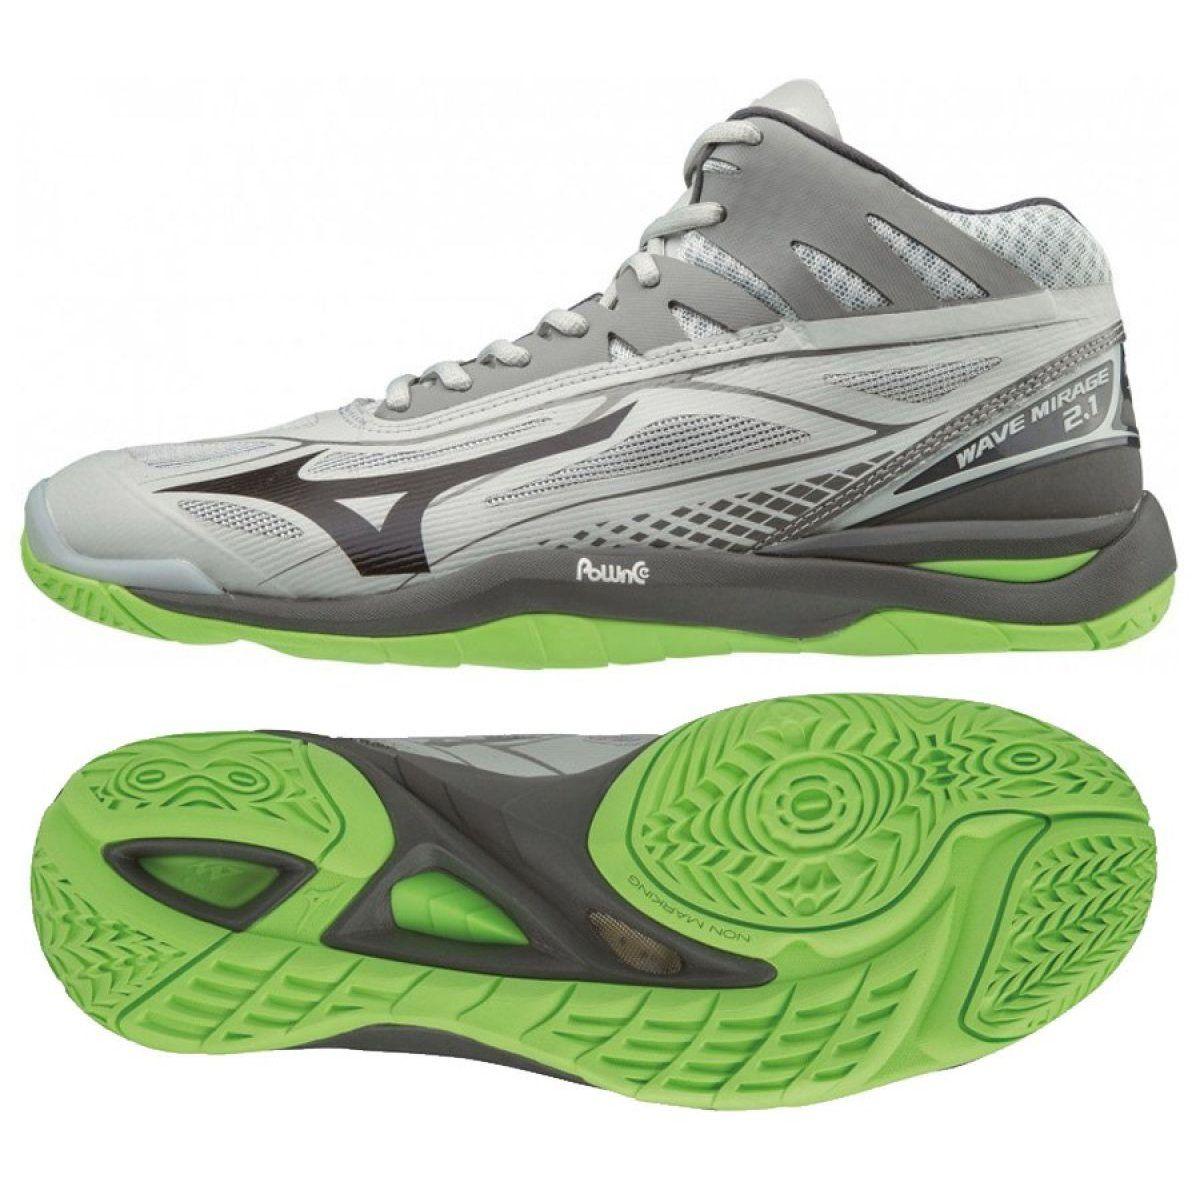 Mizuno Wave Mirage 2 1 Mid M X1ga187037 Shoes Grey Gray Silver Mizuno Shoes Shoes Mens